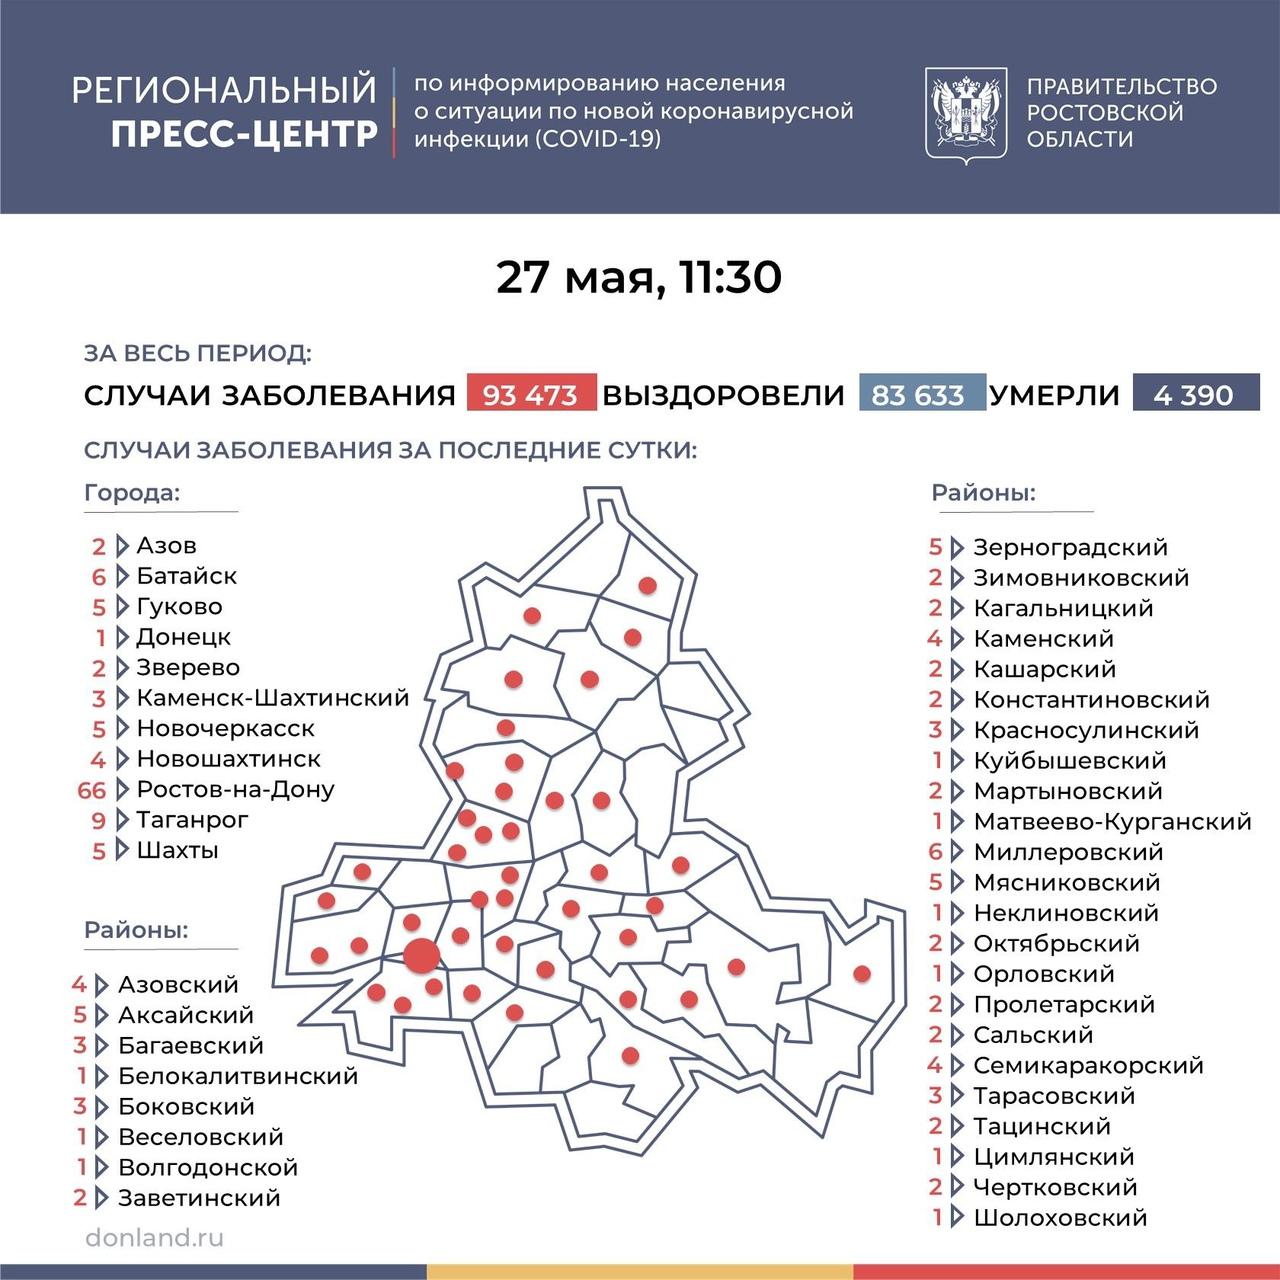 На Дону число инфицированных COVID-19 составляет 184, в Таганроге 9 новых случаев